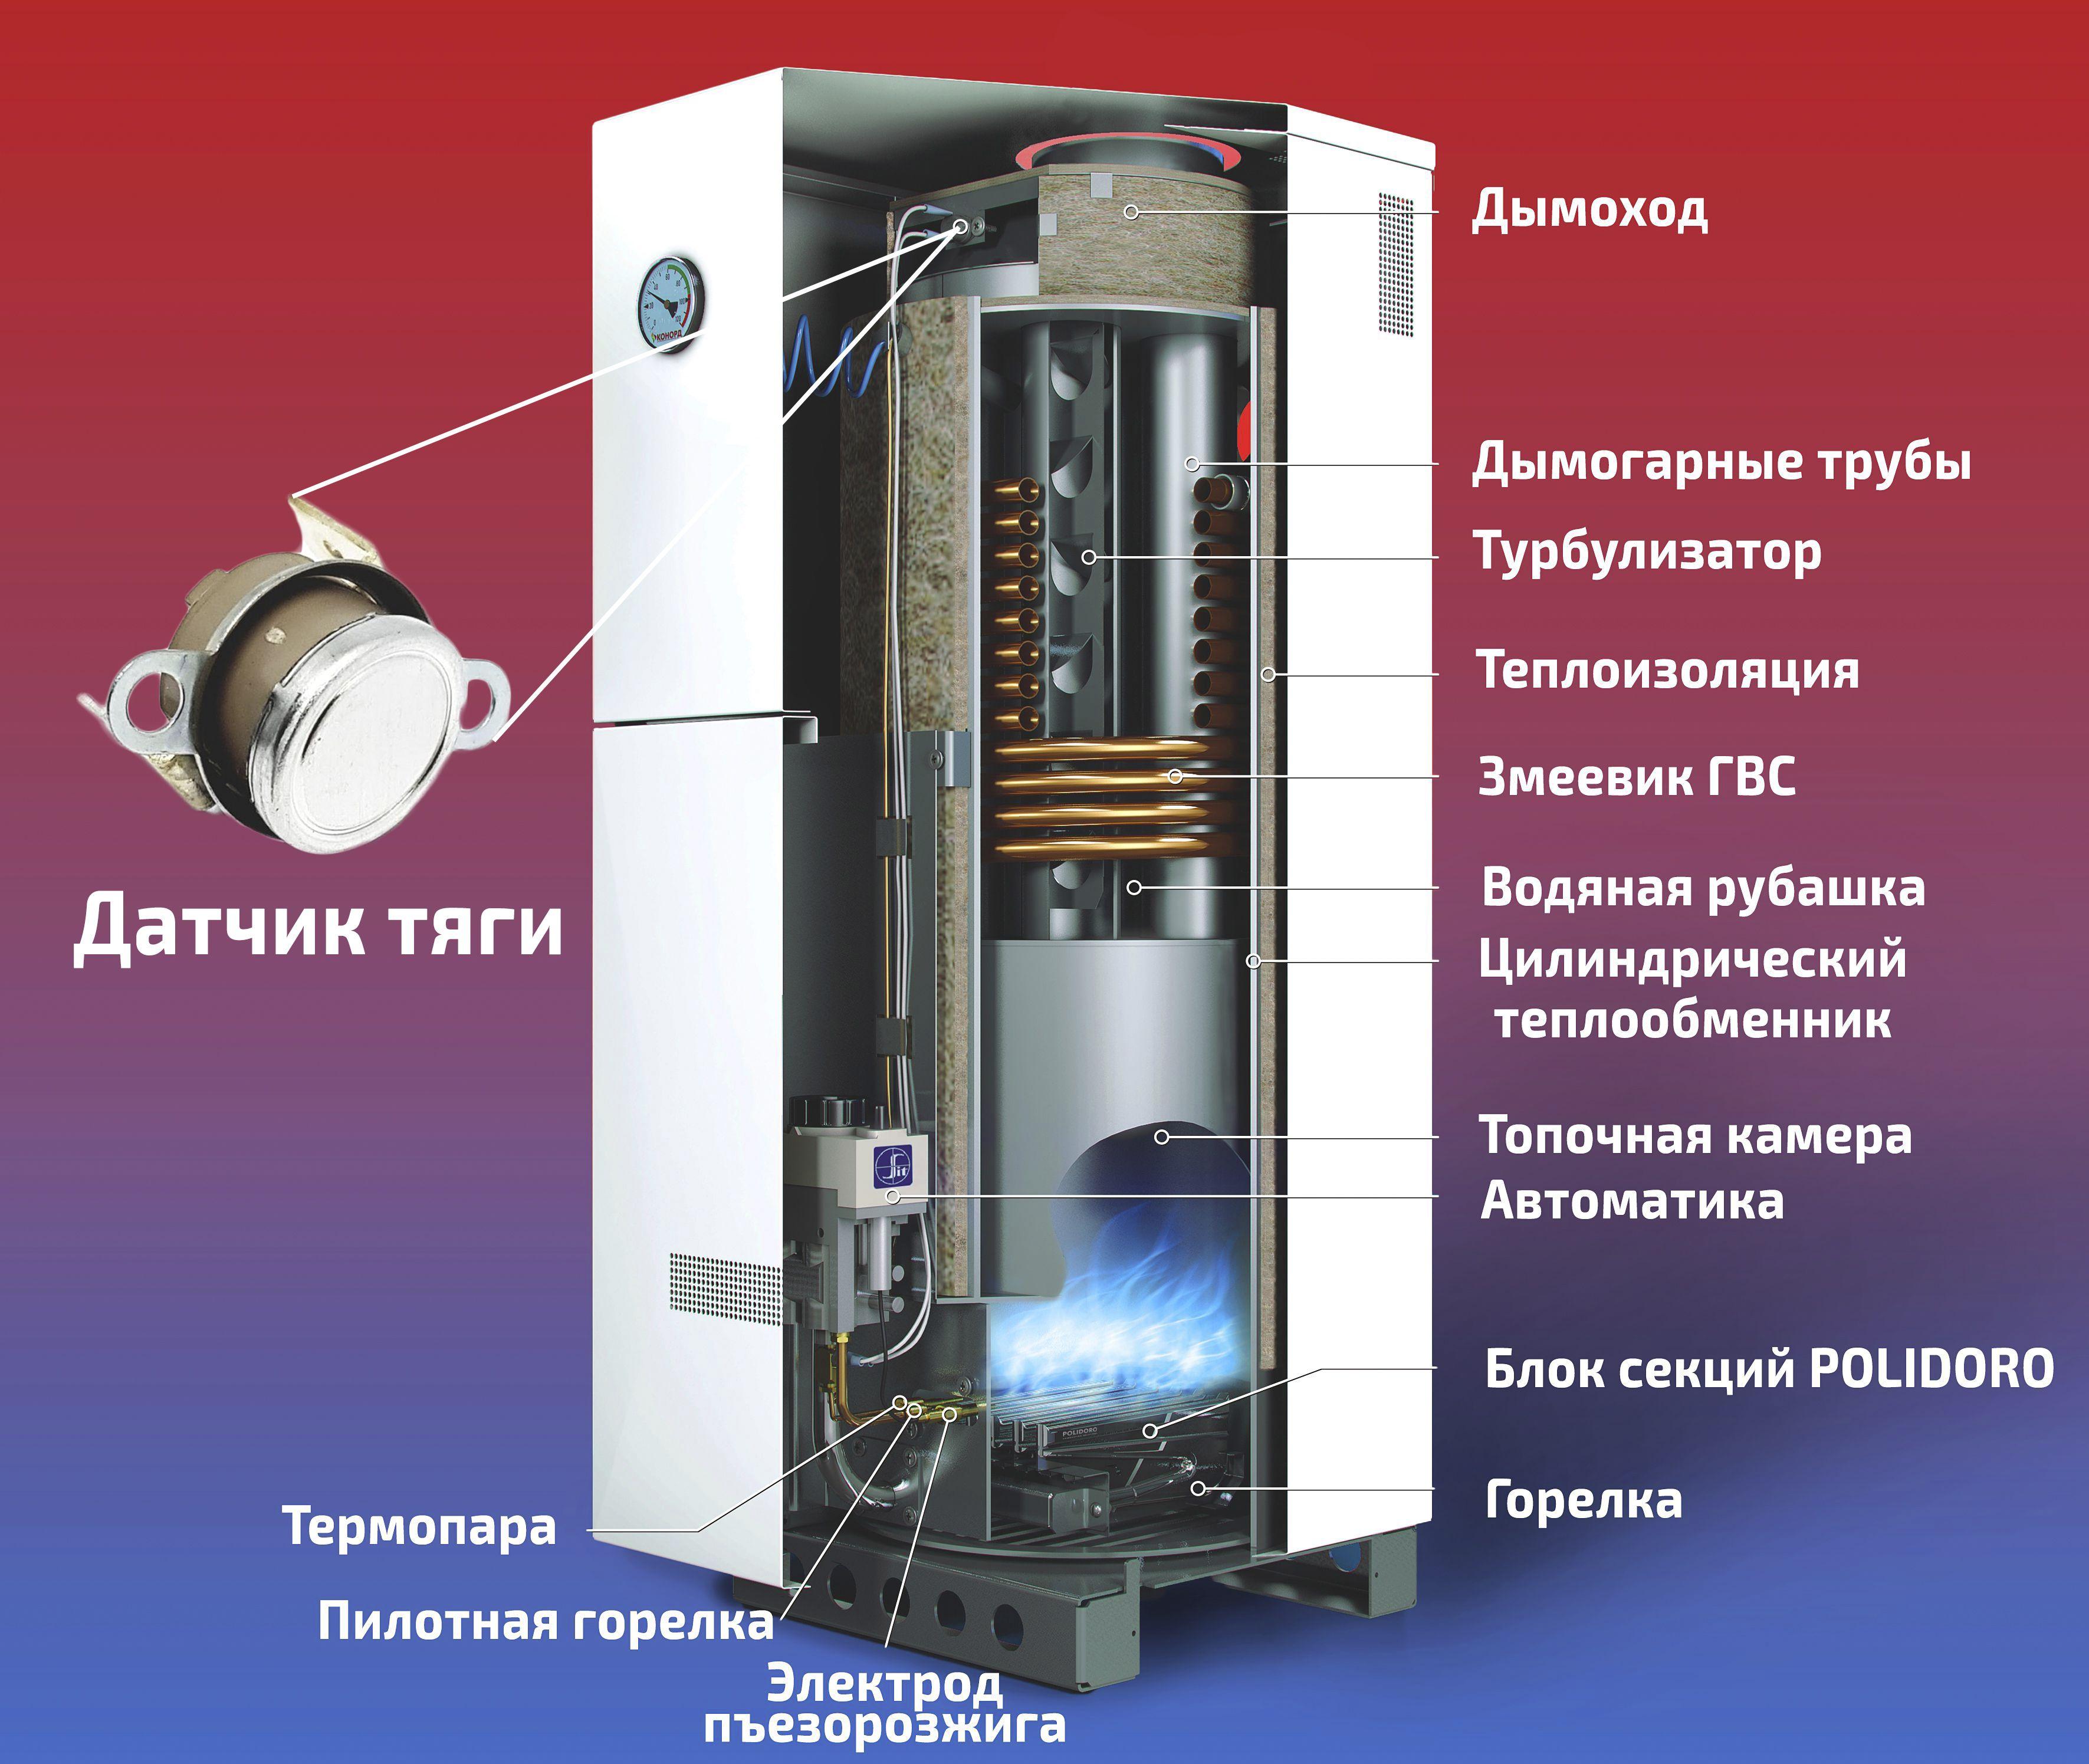 Расположения датчика тяги атмосферного газового котла